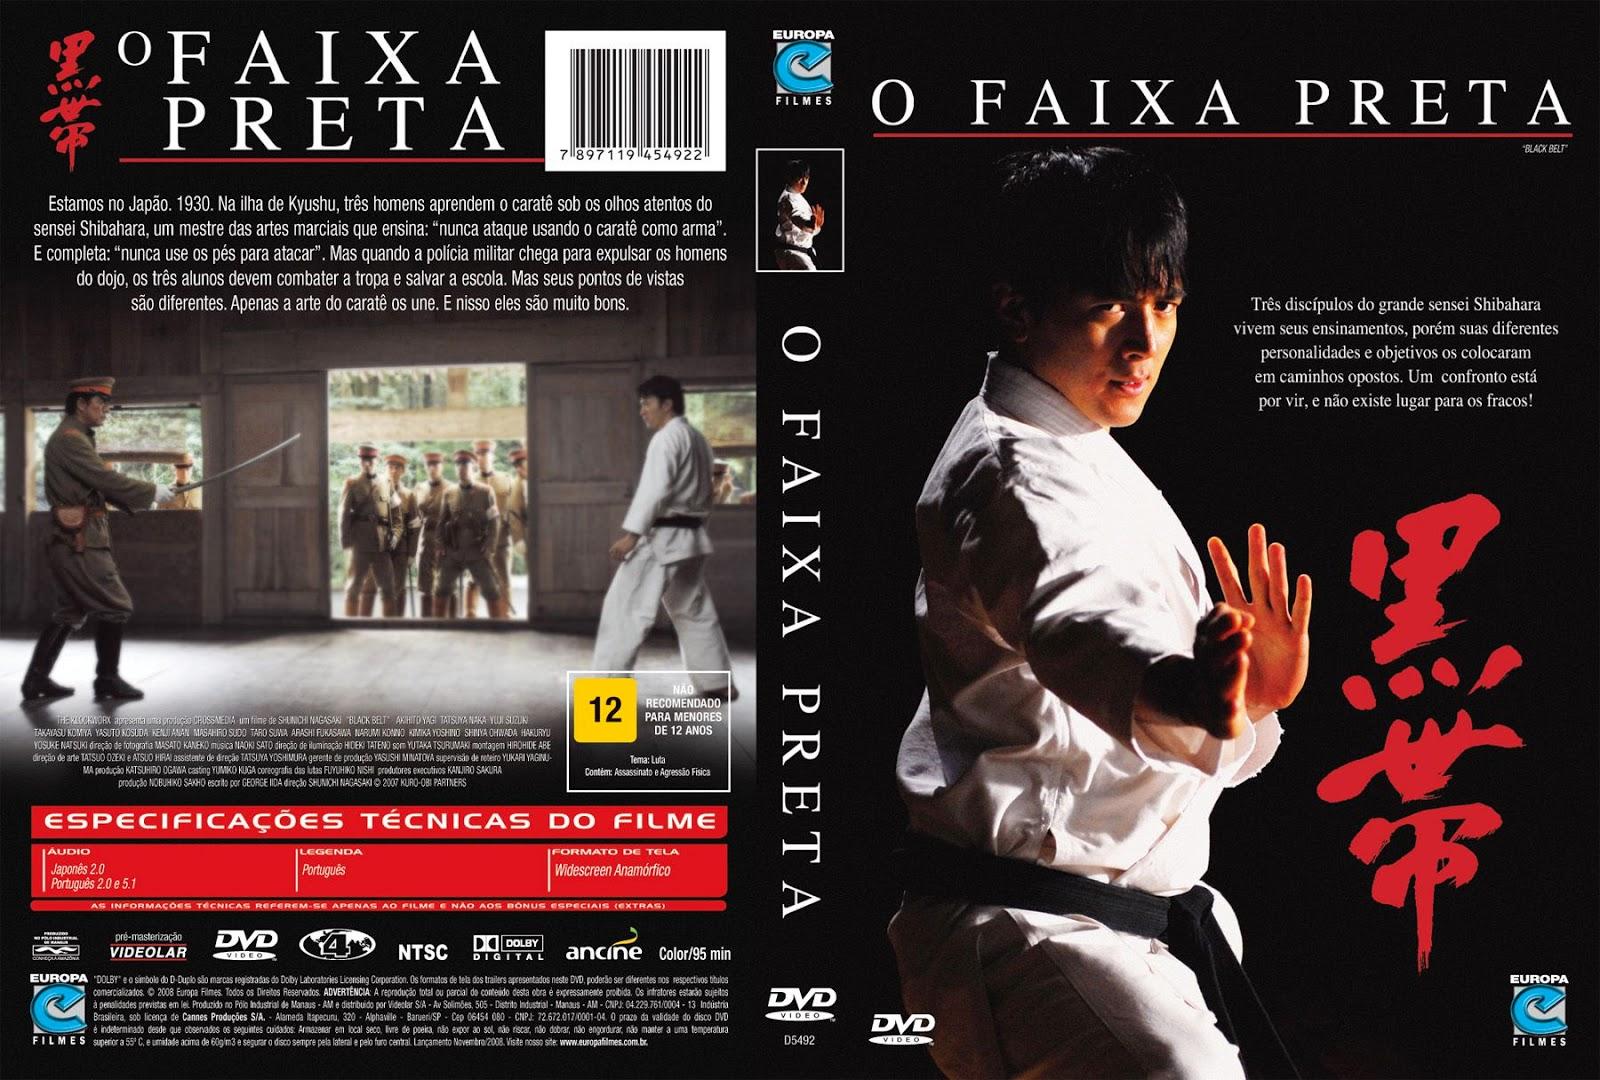 Capa DVD O Faixa Preta